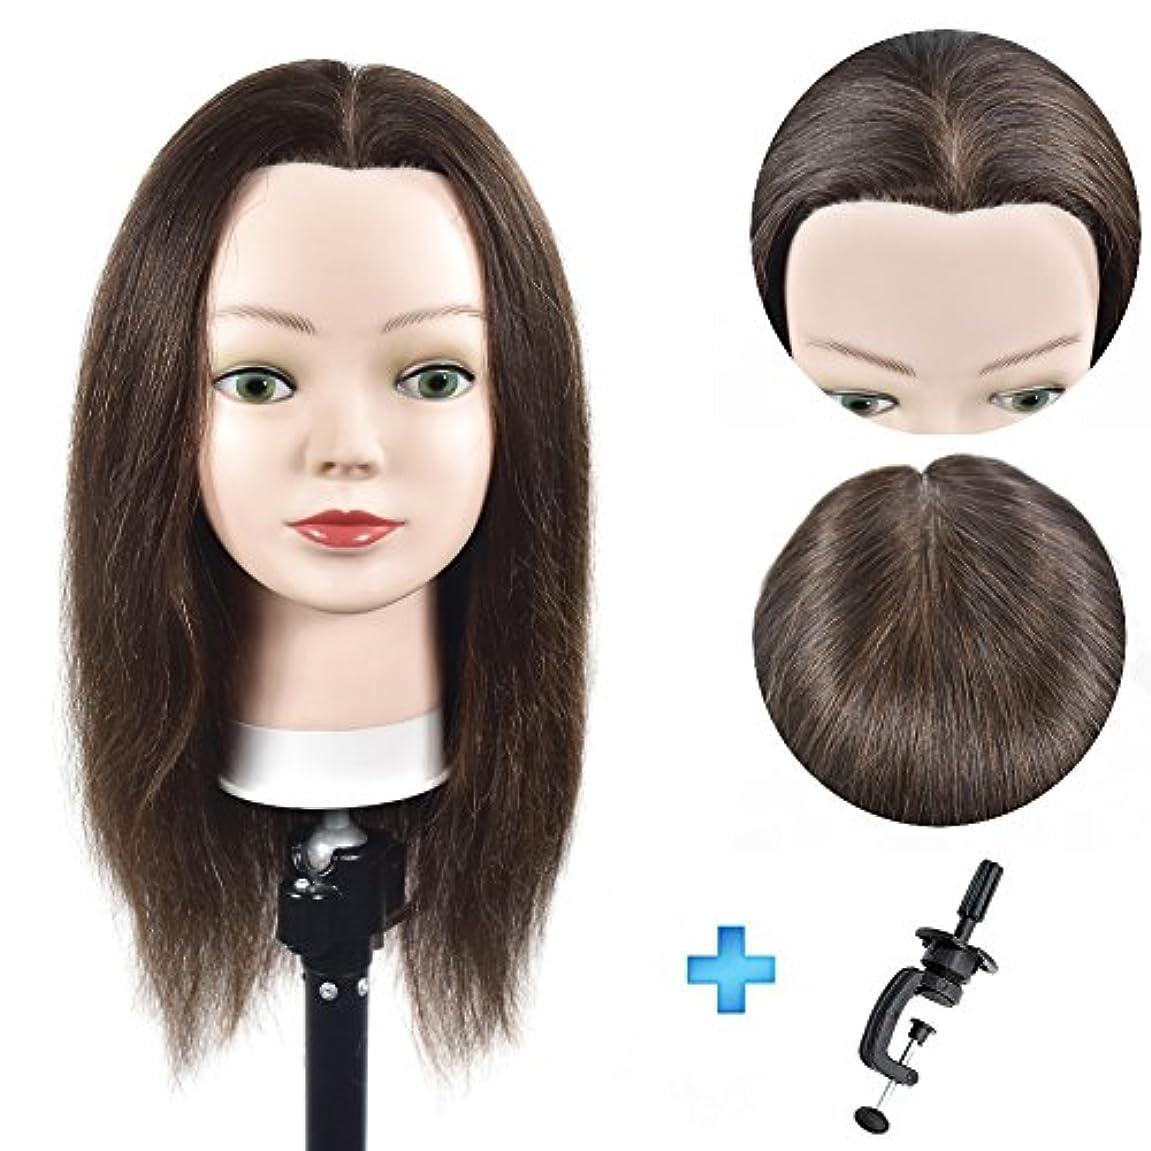 確認驚くべき費用16インチマネキンヘッド100%人間の髪の美容師のトレーニングヘッドマネキン美容師の人形ヘッド(テーブルクランプスタンドが含まれています)